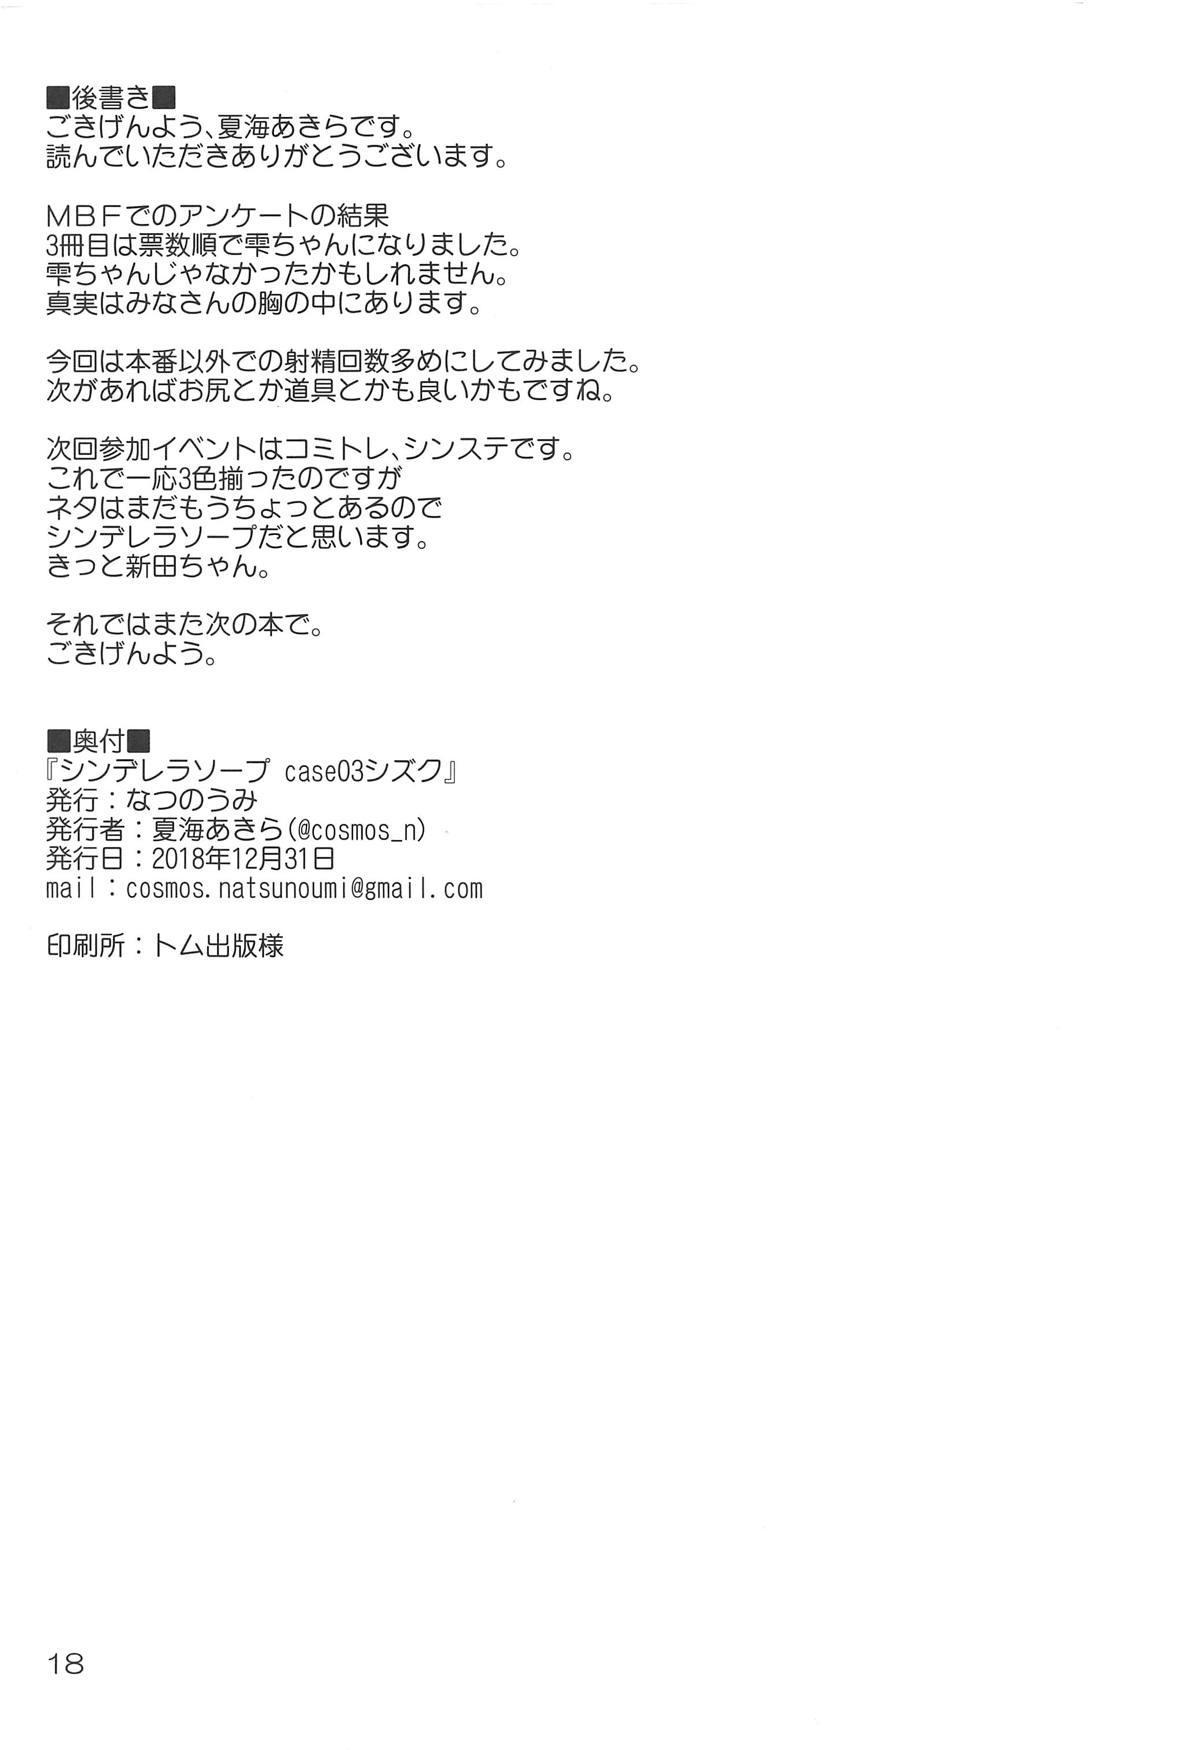 (C95) [Natsu no Umi (Natsumi Akira)] Cinderella Soap -case 03- Shizuku (THE IDOLM@STER CINDERELLA GIRLS) 16